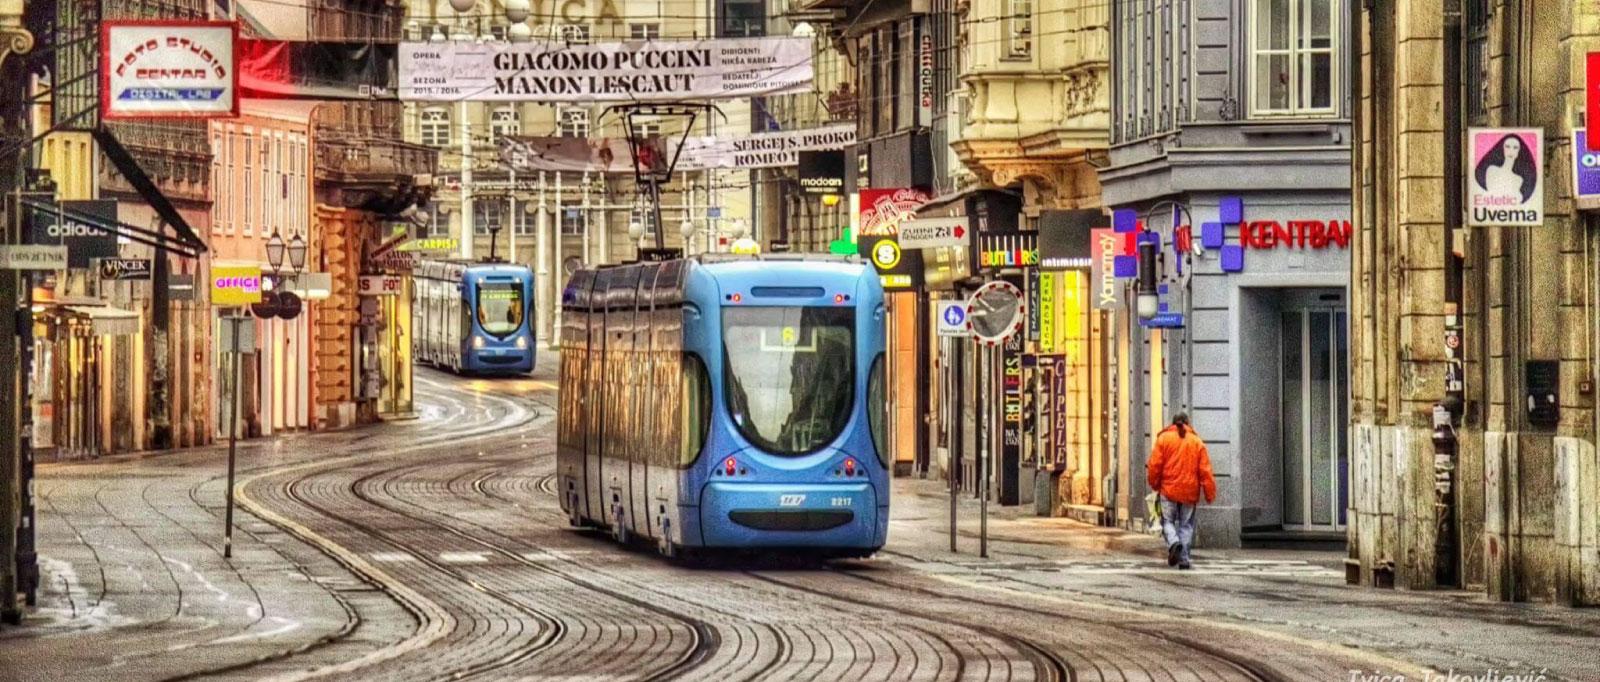 zaggreb-tram